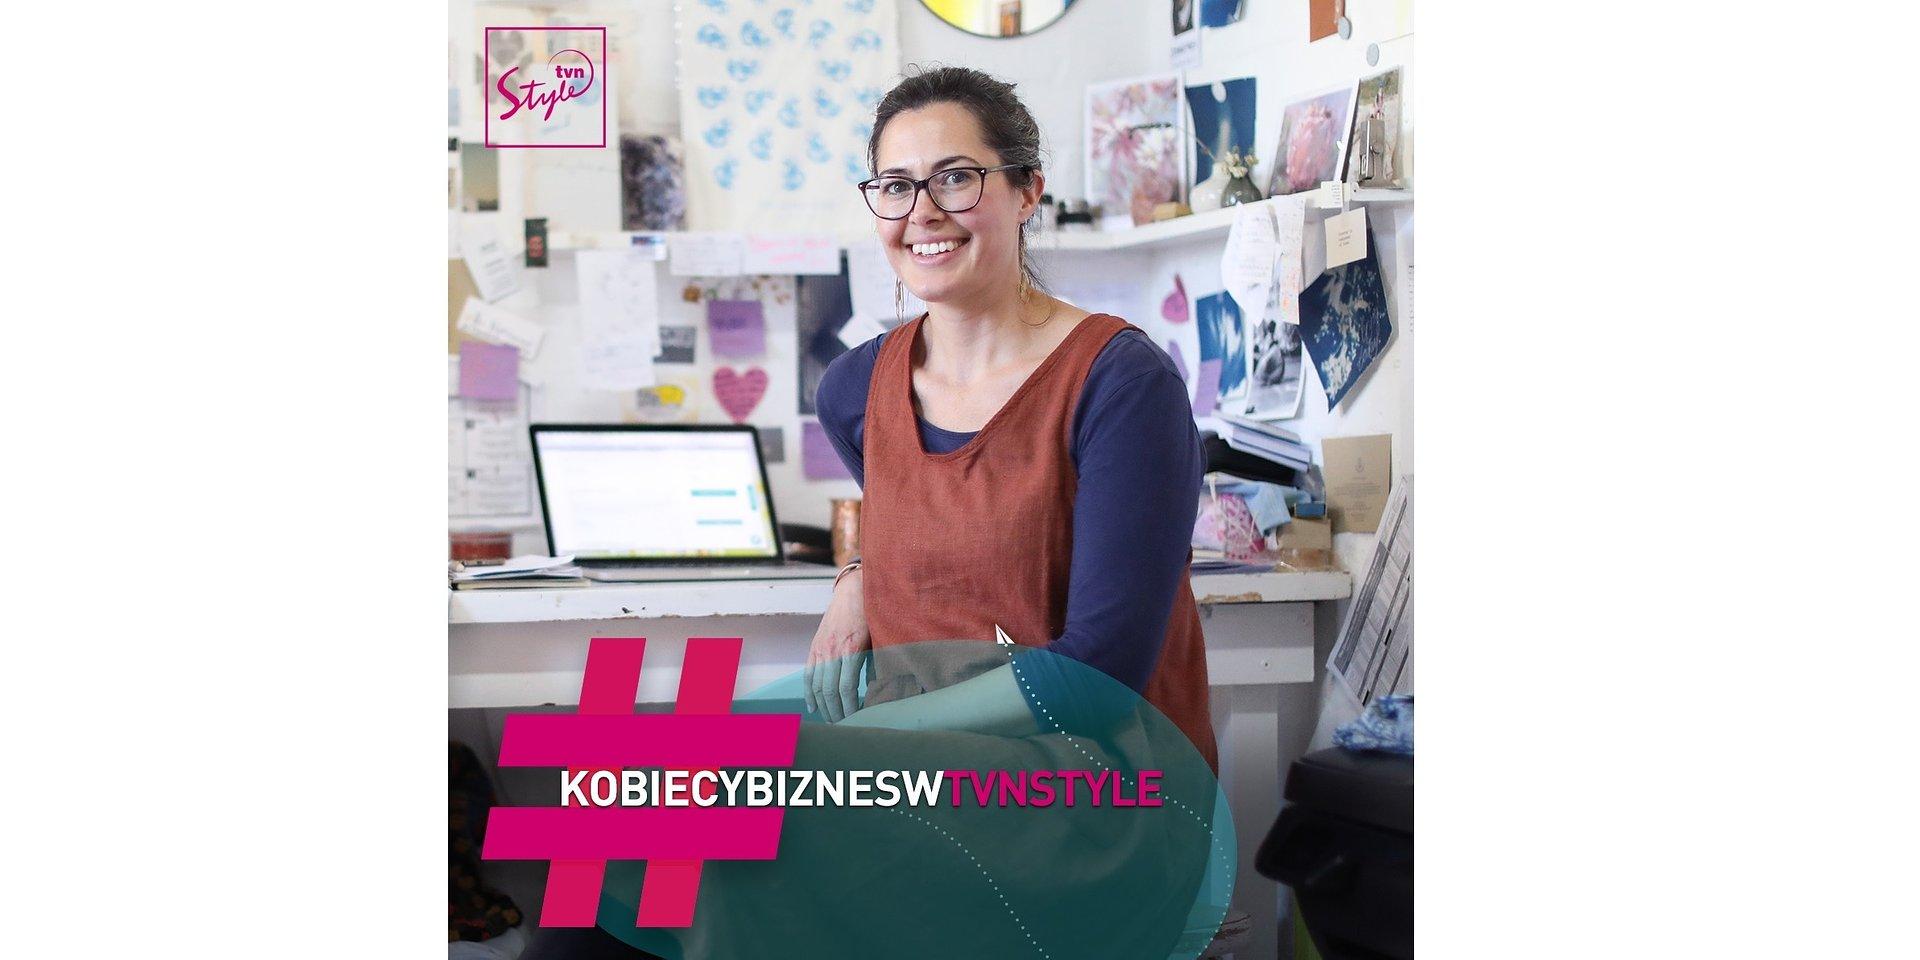 Rusza druga edycja akcji #KobiecyBizneswTVNStyle